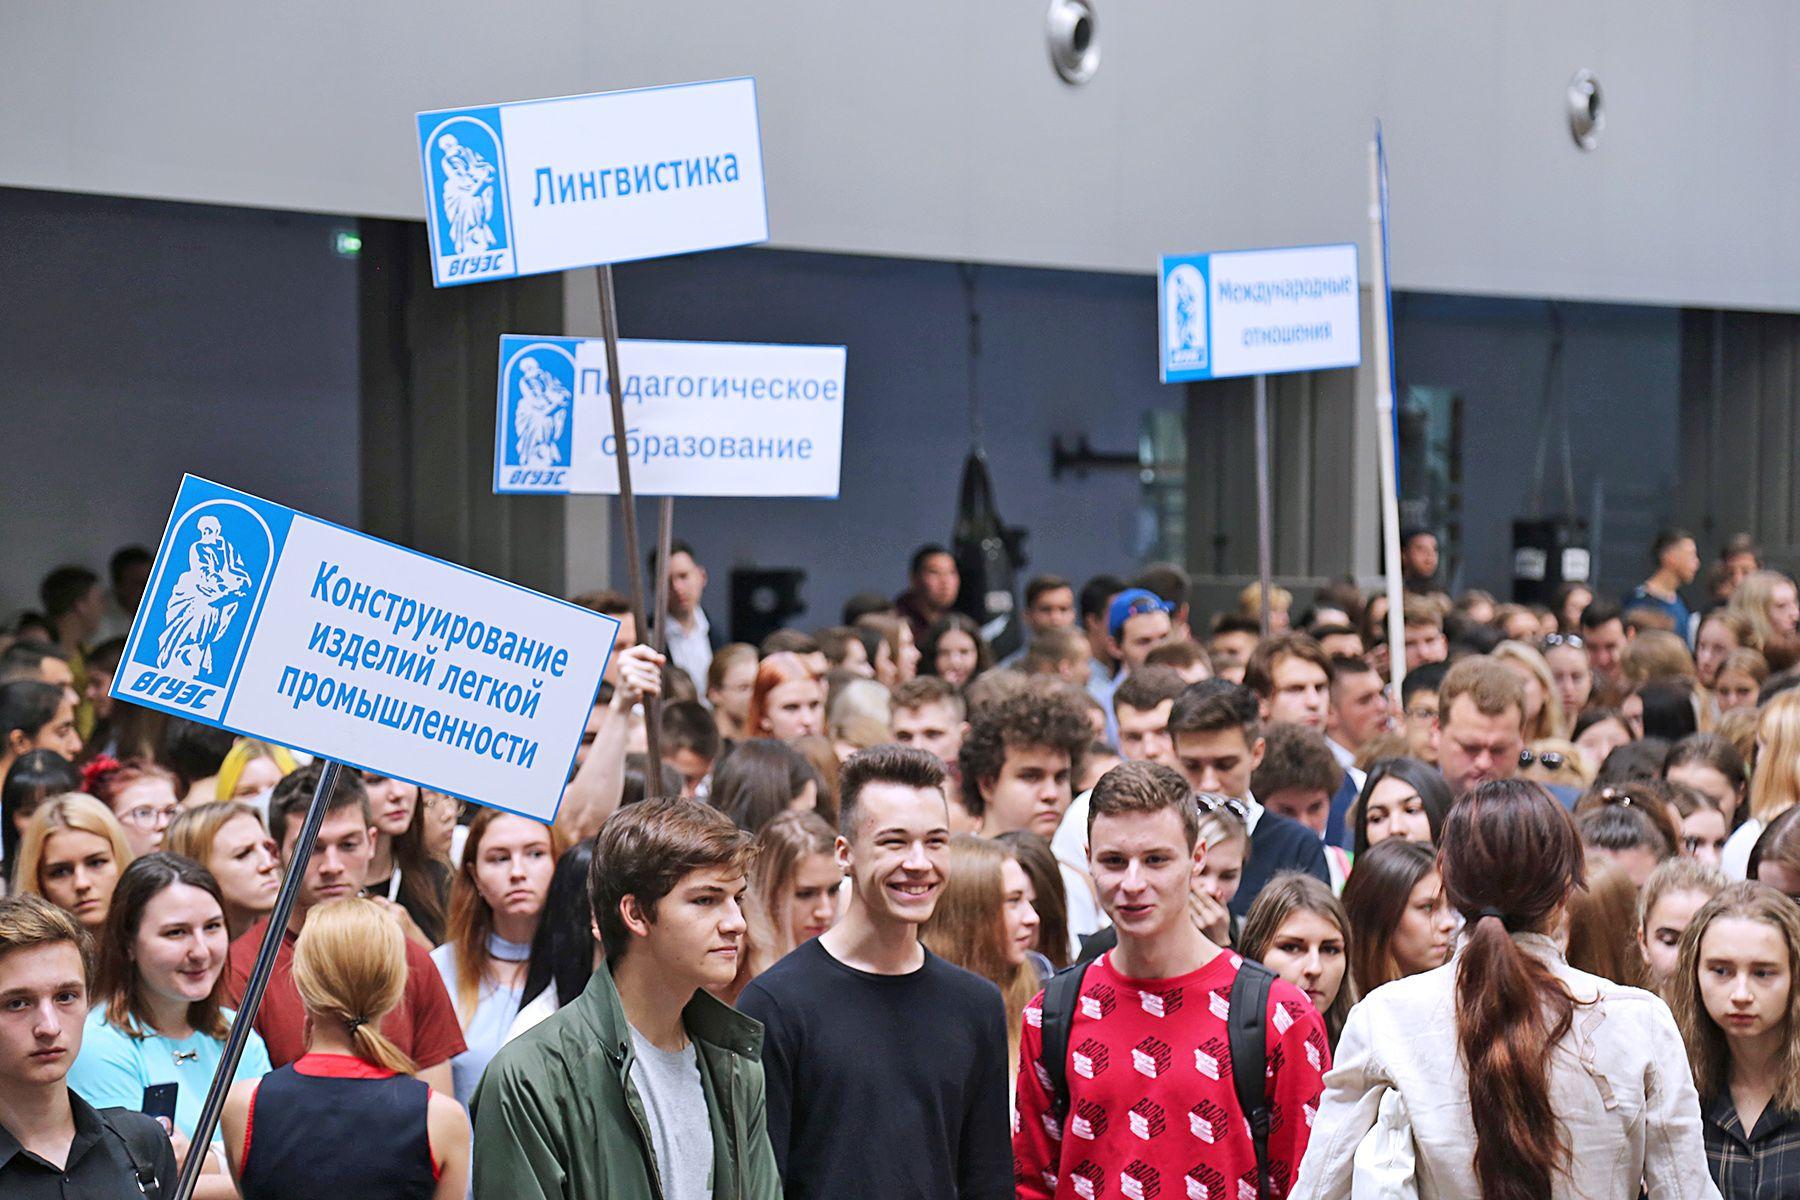 Коронавирус — не помеха приемной кампании, — ответственный секретарь приемной комиссии ВГУЭС Светлана Клименко